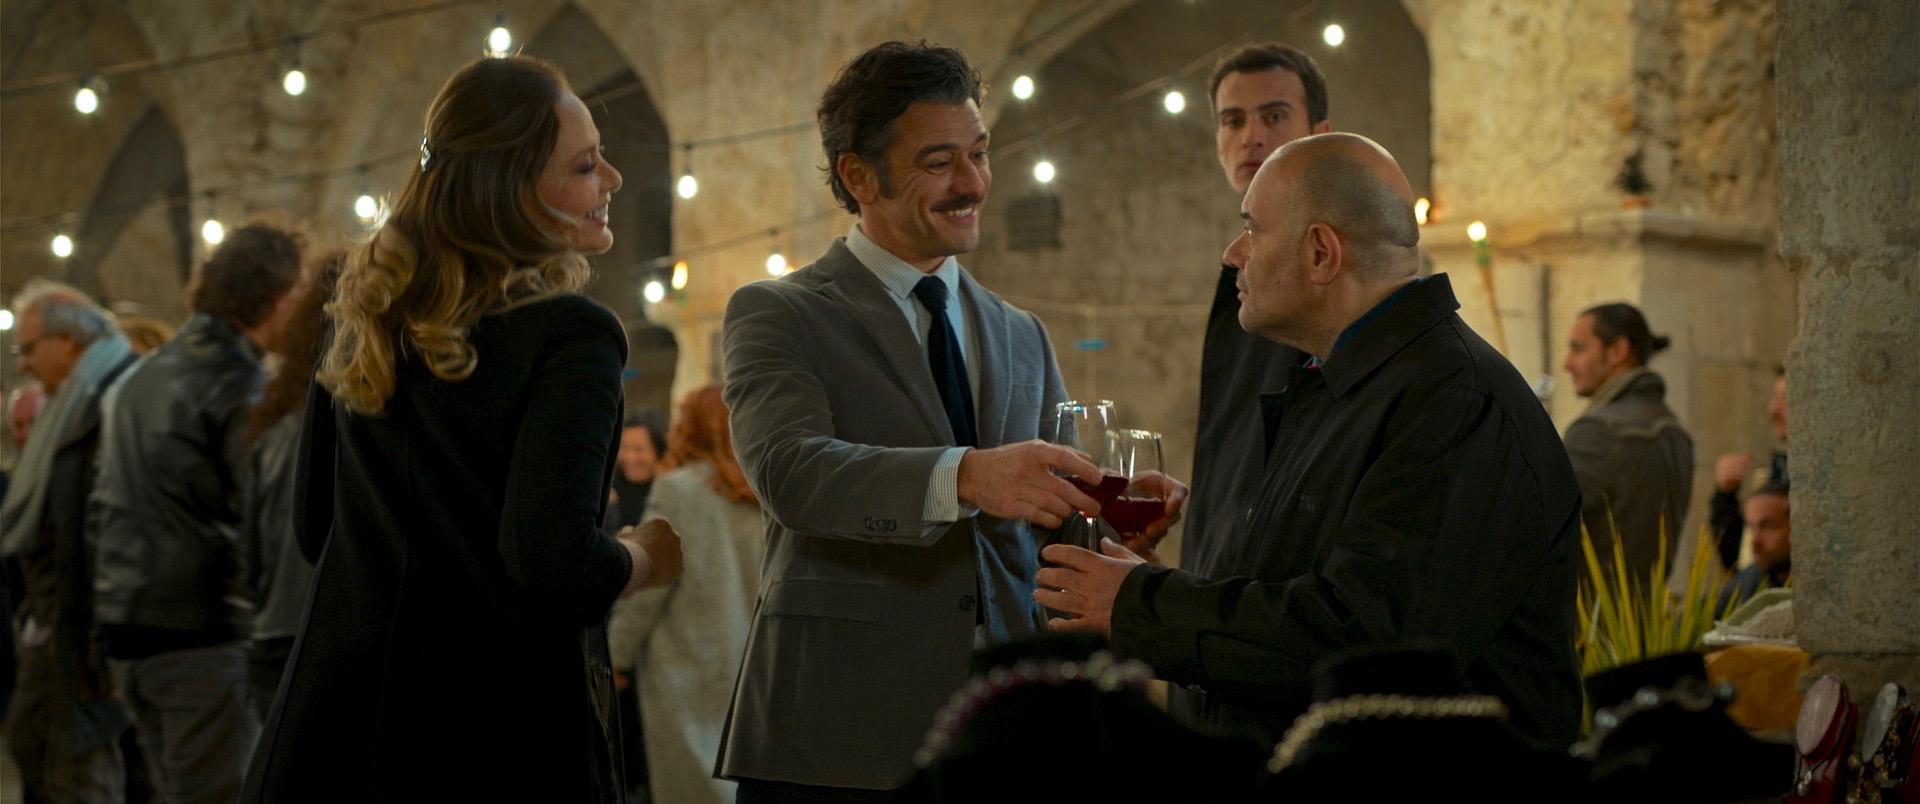 Wine to Love: Ornella Muti, Michele Venitucci e Domenico Fortunato in una scena